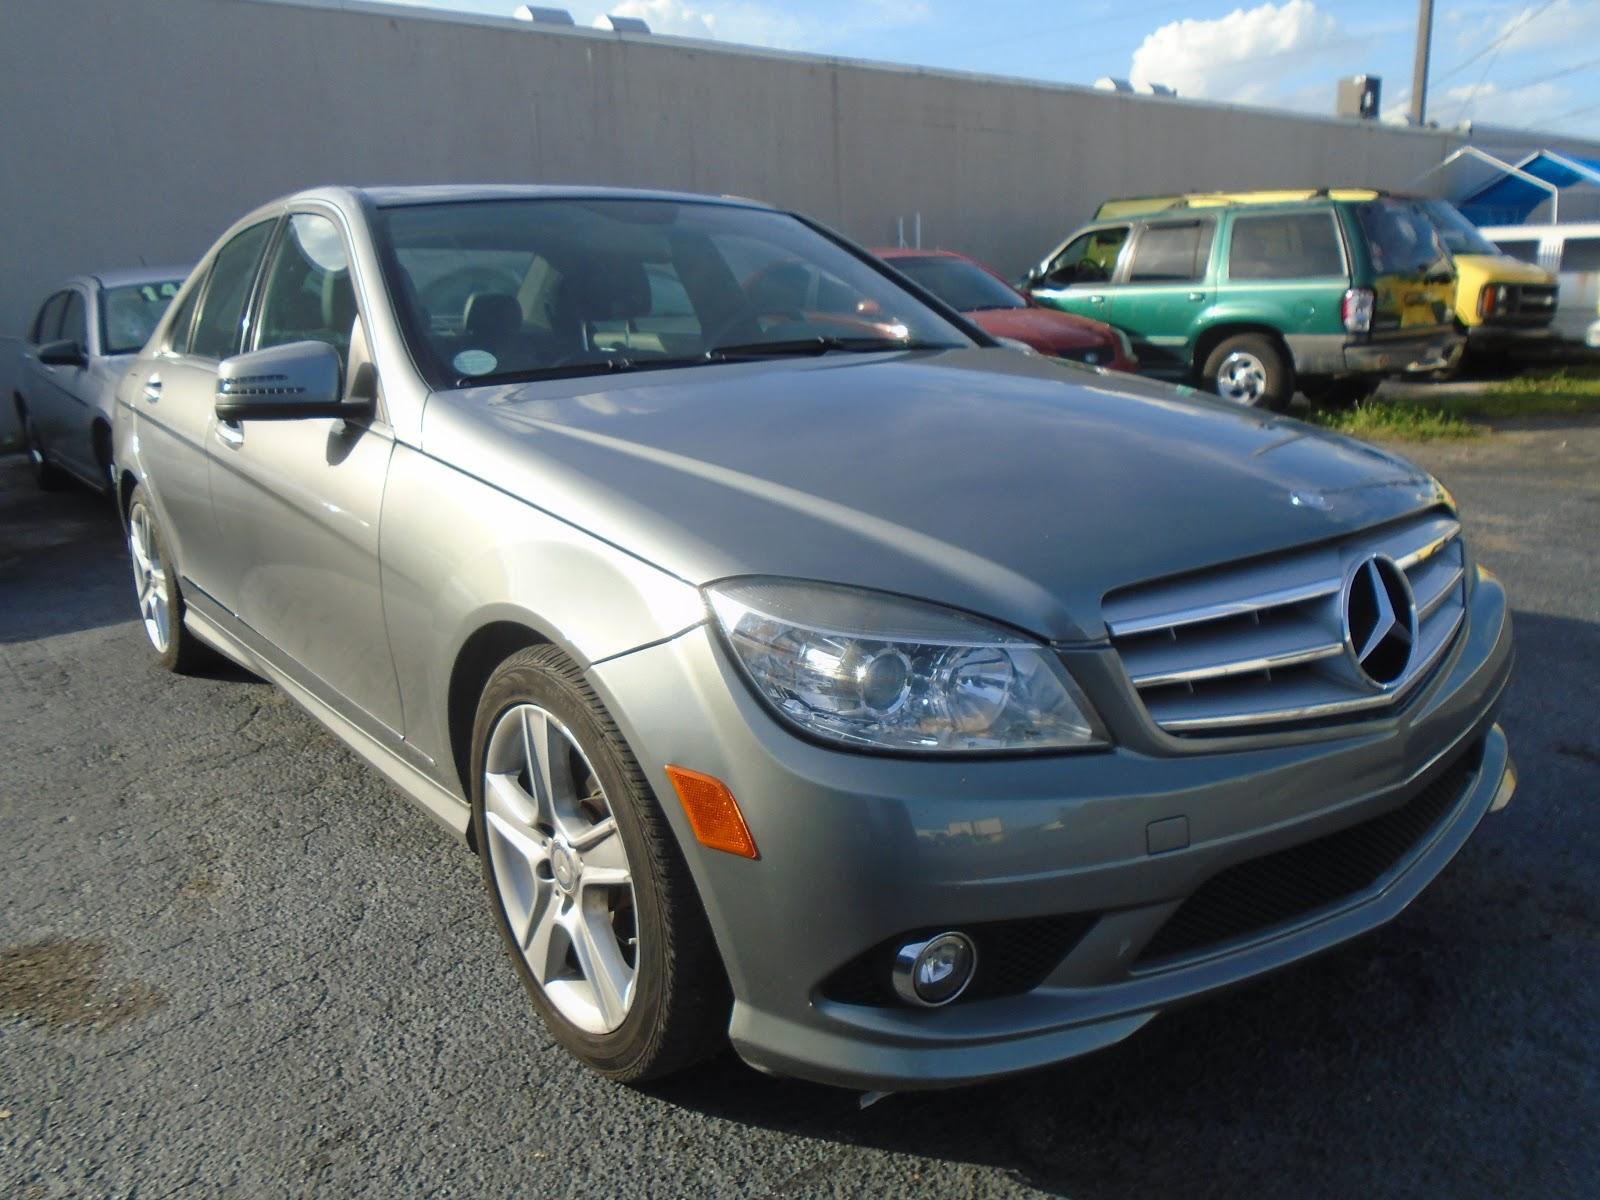 Florida Sales Tax Used Cars